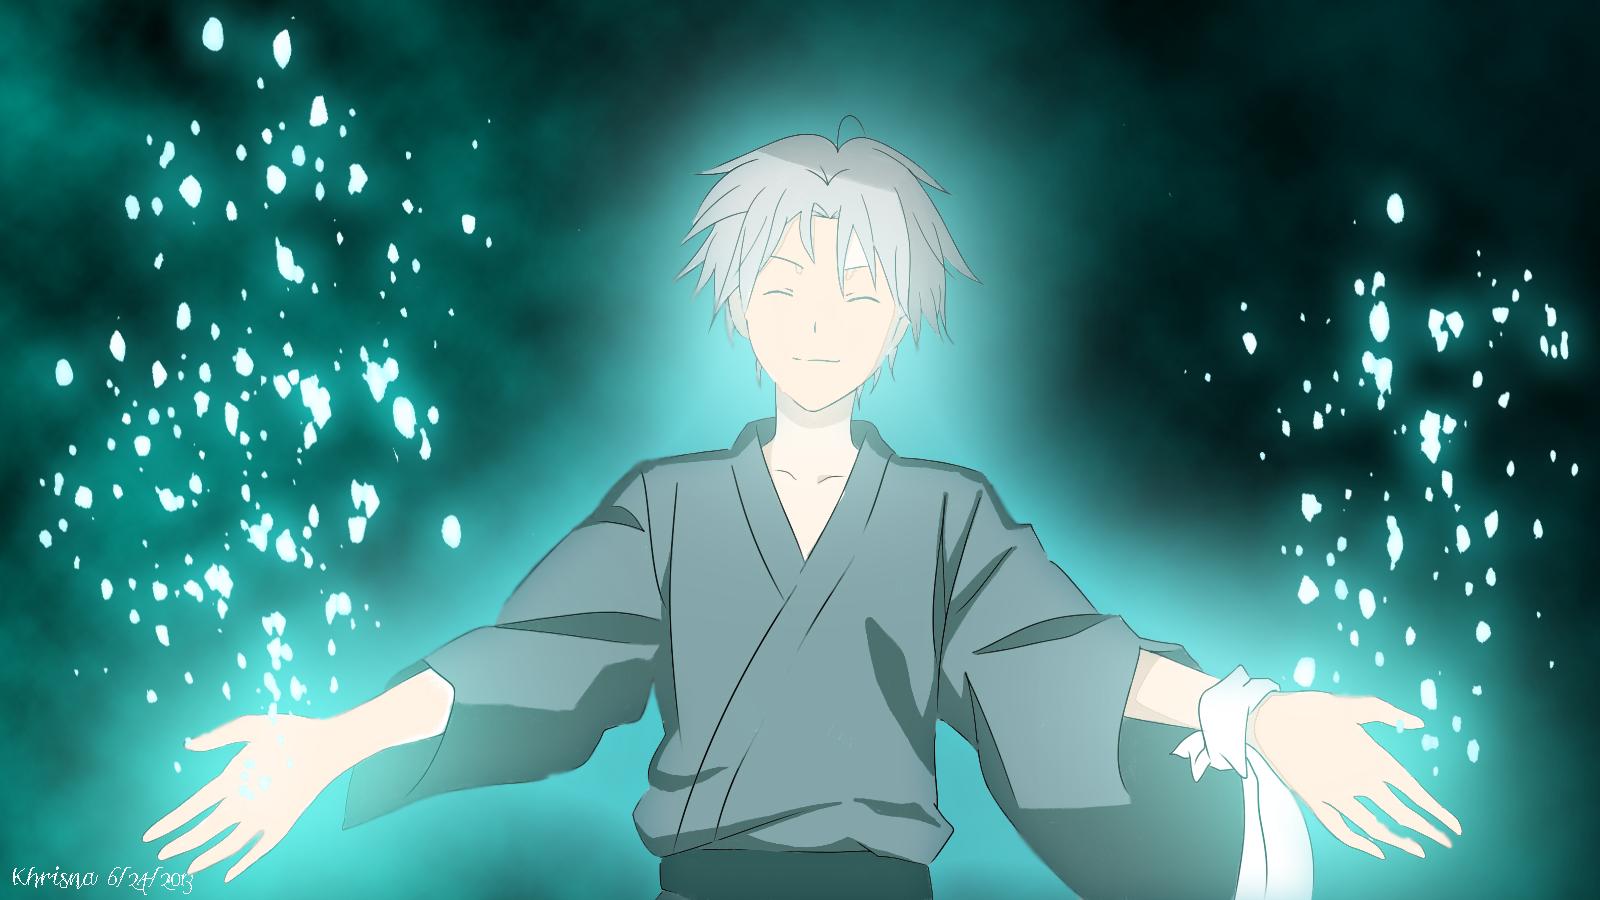 Gin Hotarubi no Mori e by fraea on DeviantArt Anime